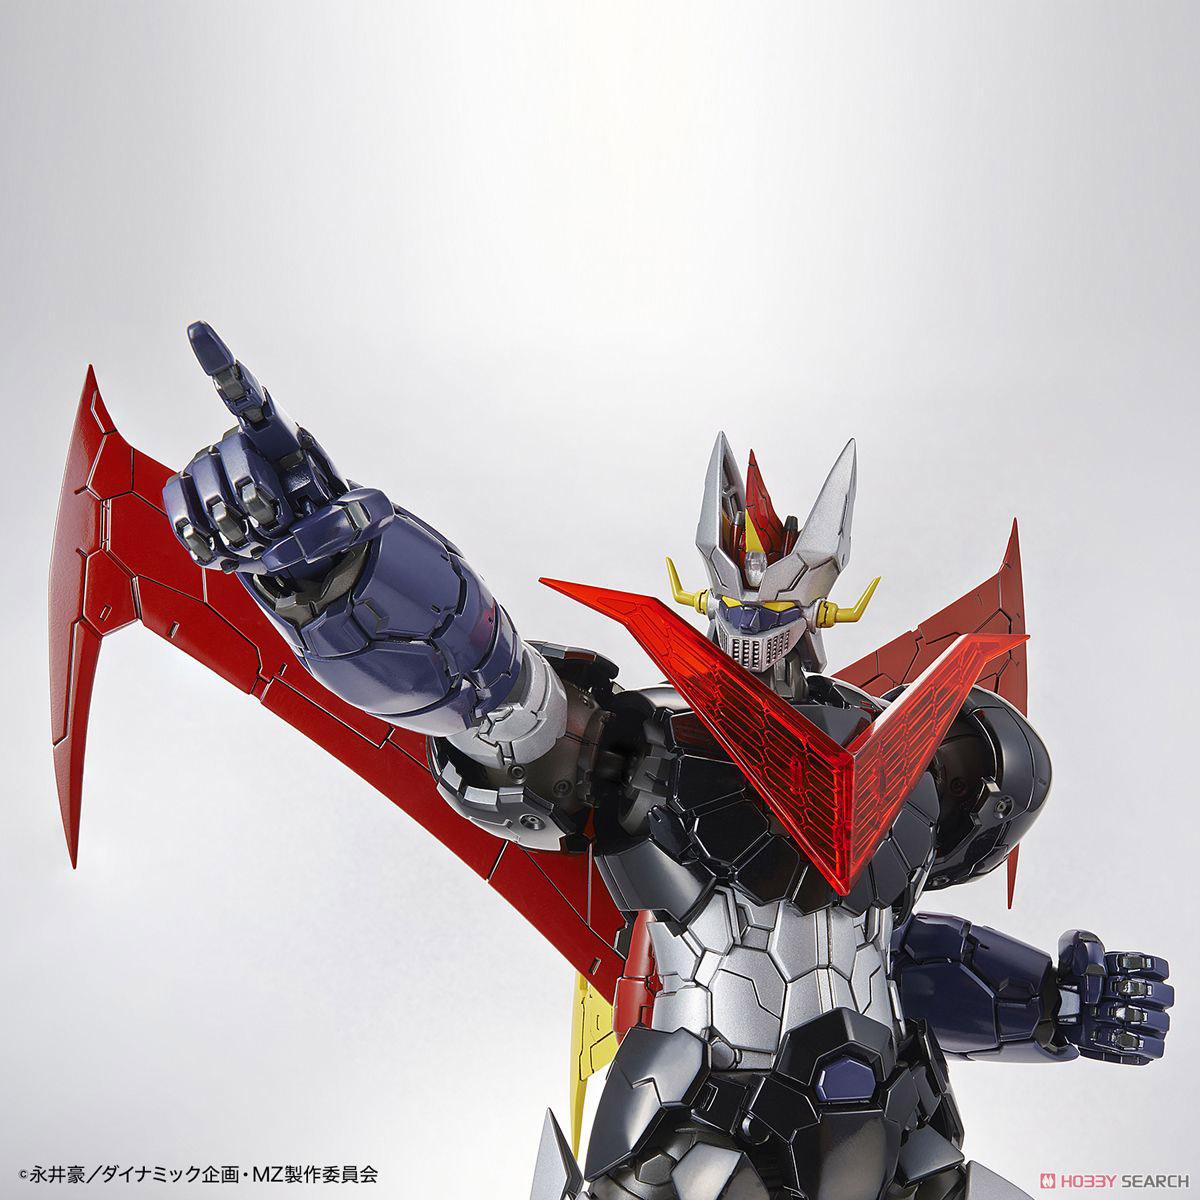 【再販】HG 1/144『グレートマジンガー(マジンガーZ INFINITY Ver.)』プラモデル-006